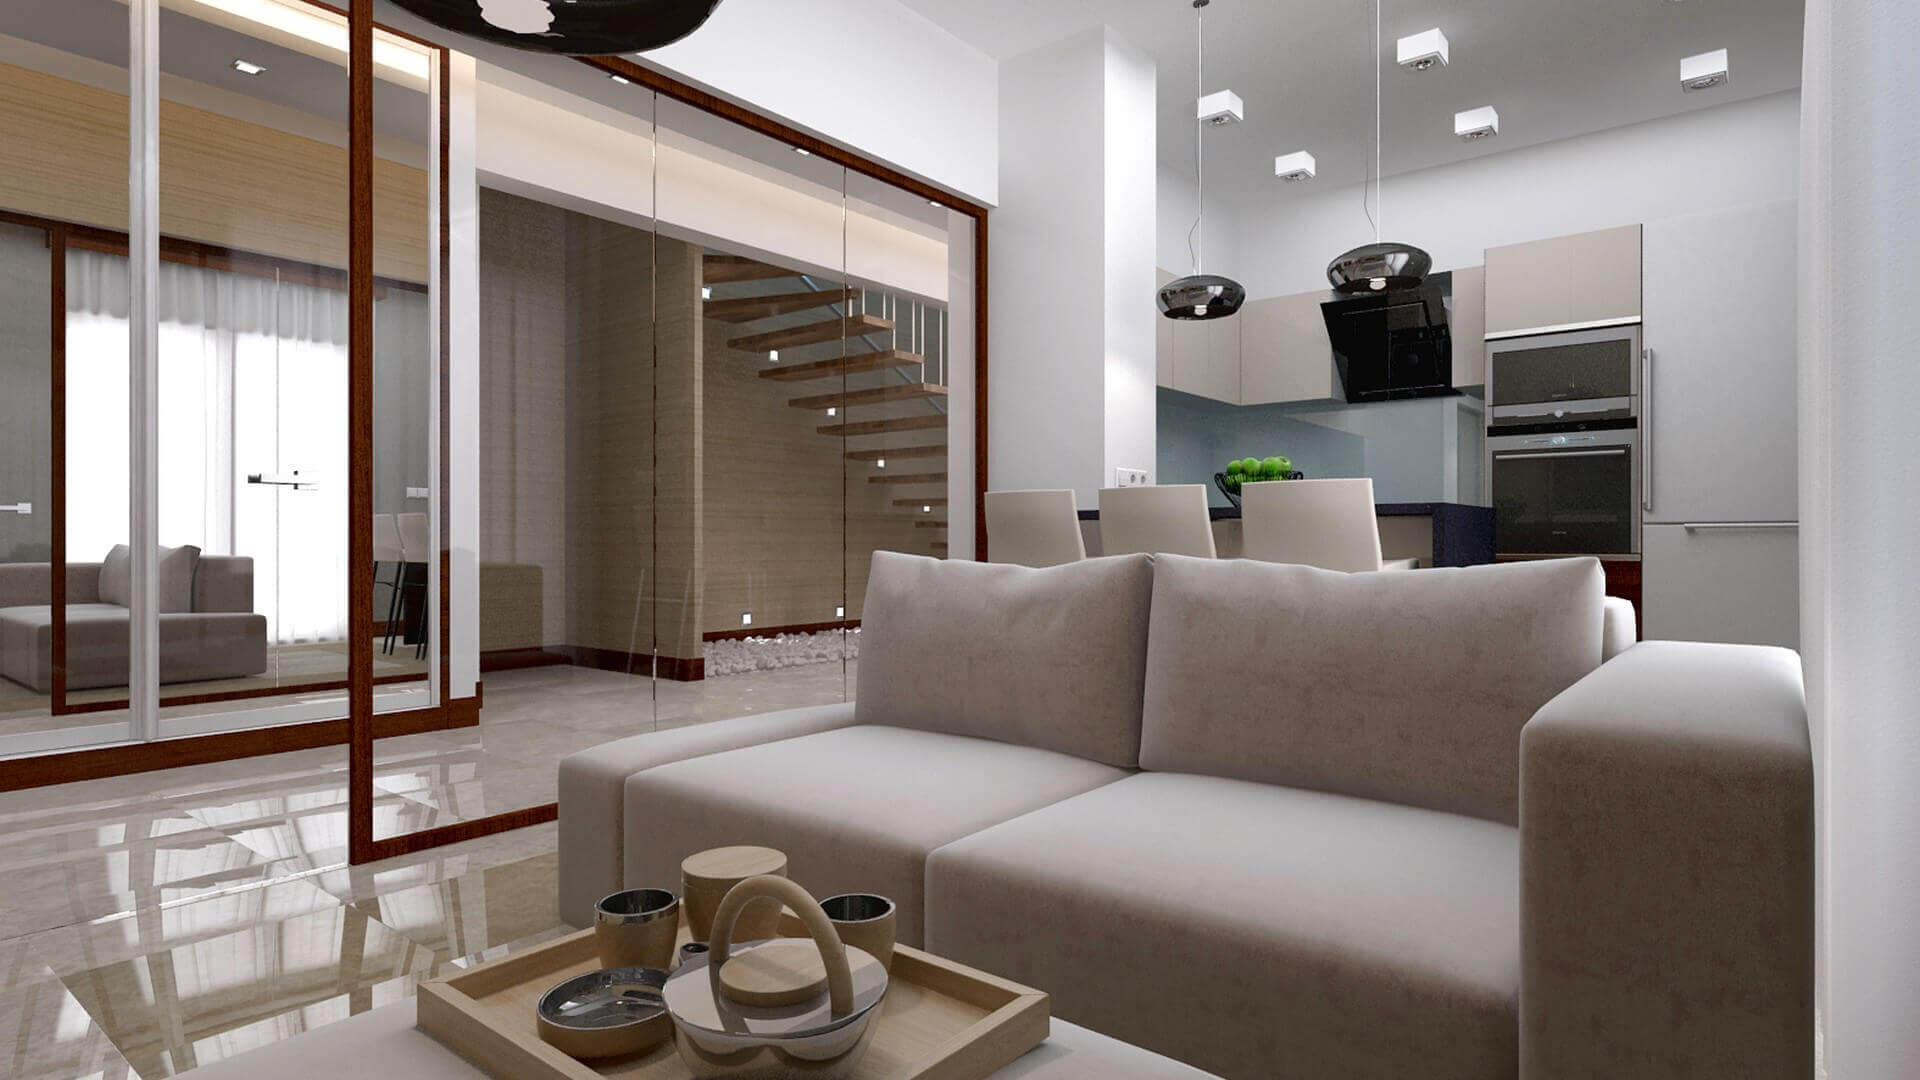 villa dekorasyonu 3414 M. Kavacık Dairesi Konutlar